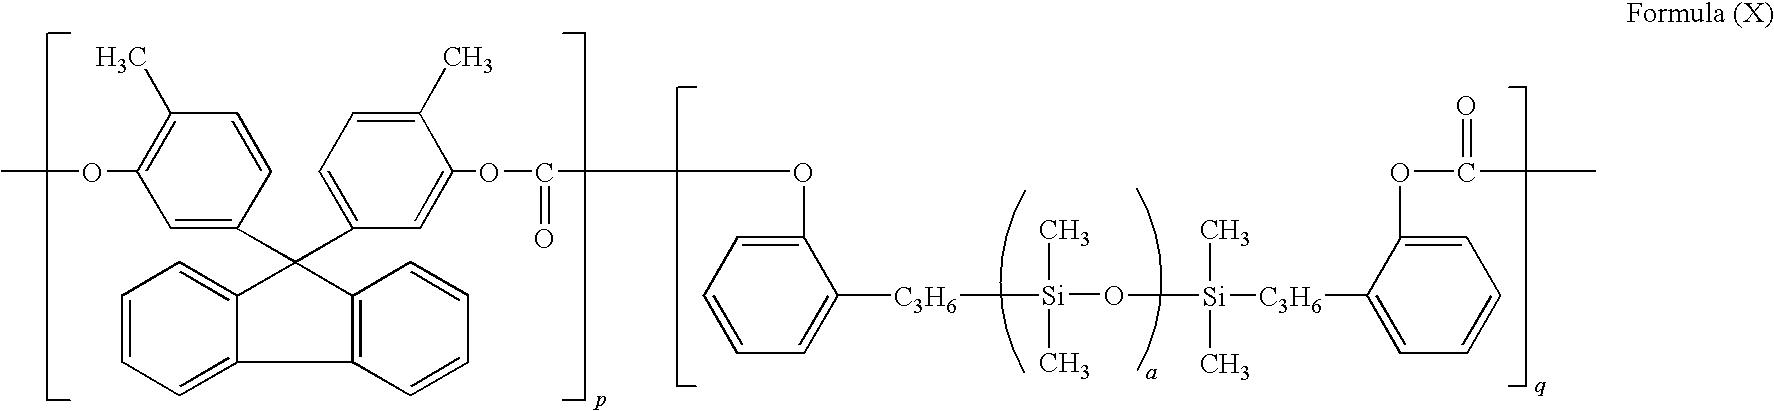 Figure US08026028-20110927-C00028